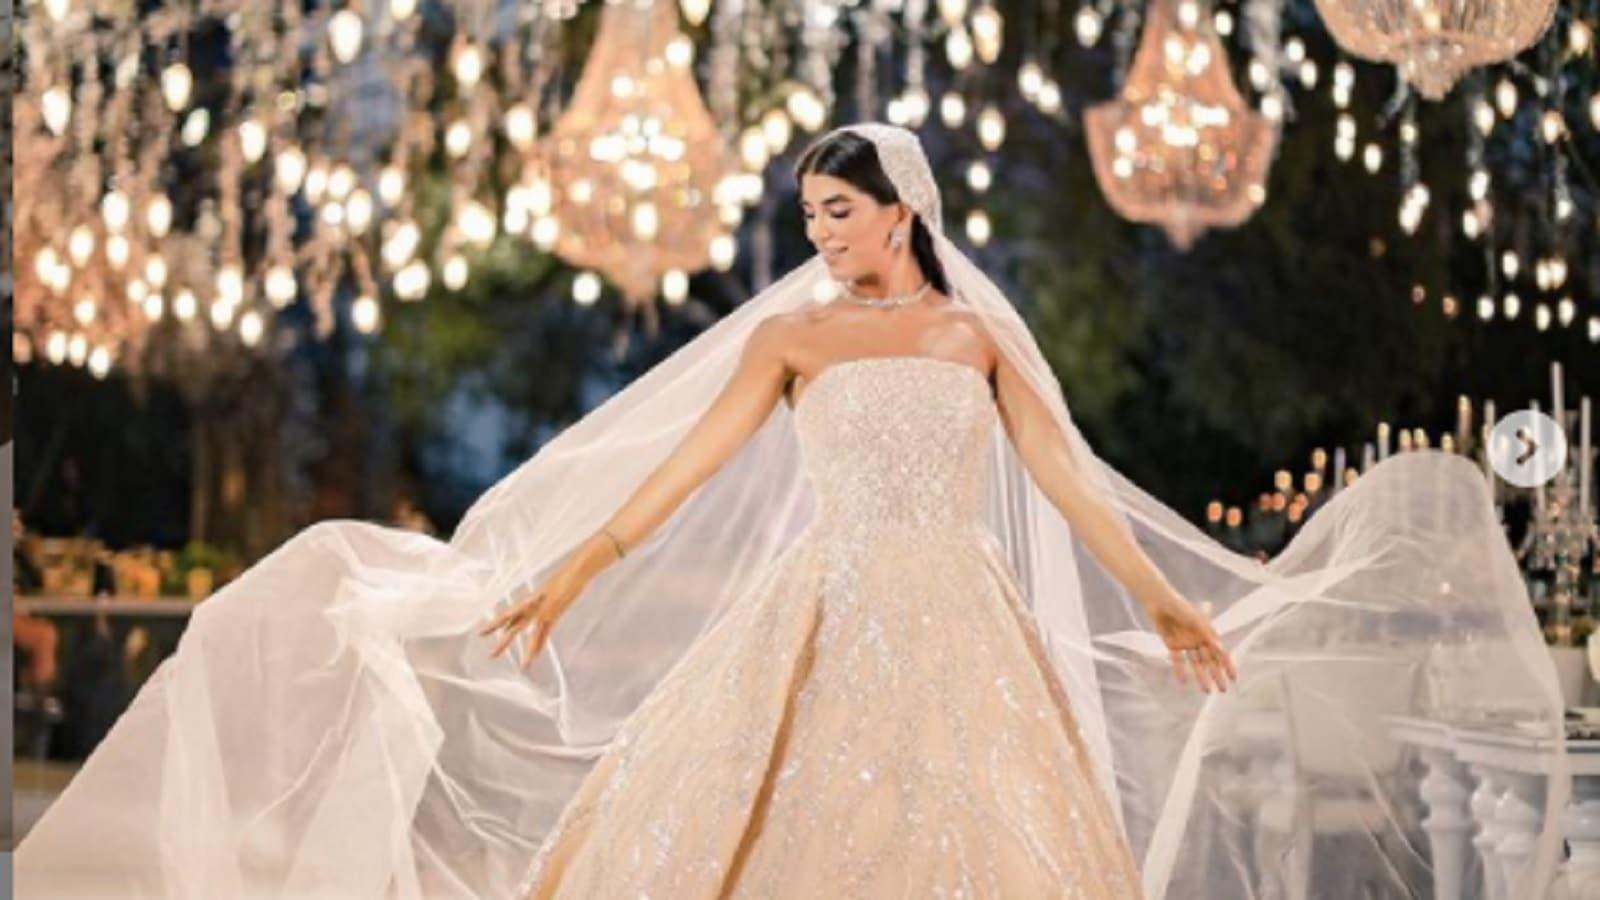 نوار الساحلي يفجر غضب اللبنانيين بحفل زفاف أسطوري لابنته (فيديو)